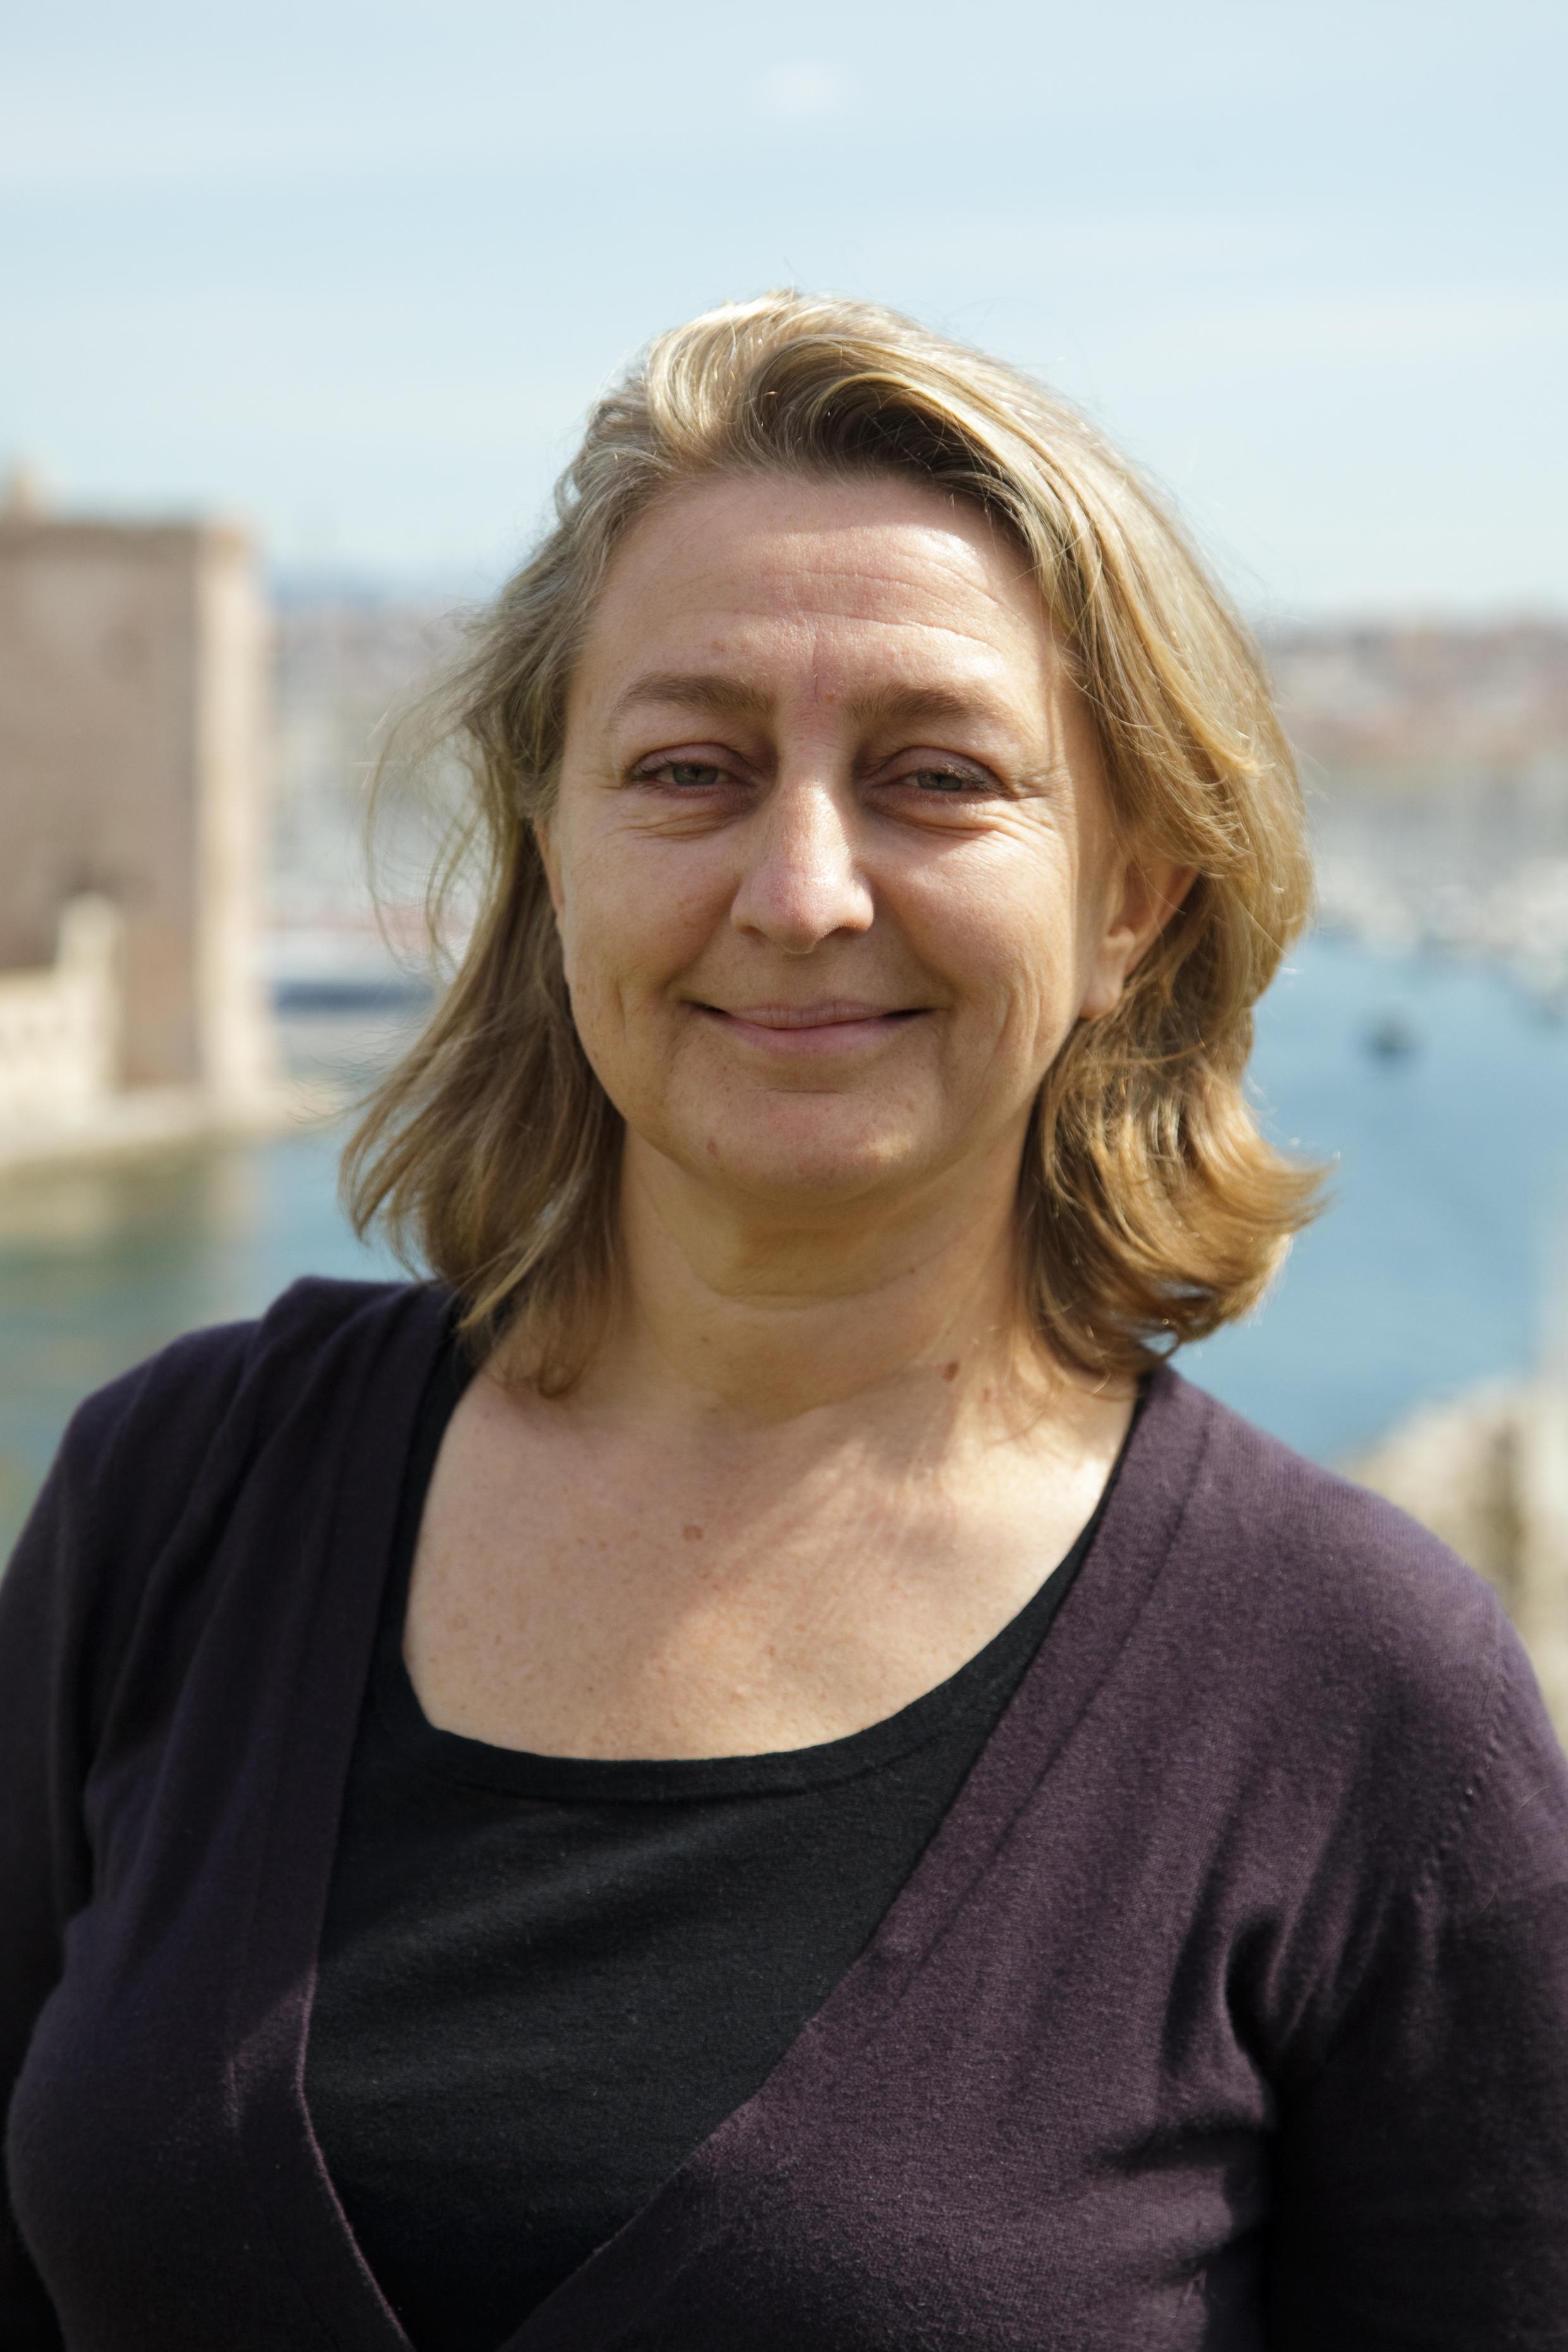 Elodie Martinie-Cousty, chefe do departamento marítimo da organização França Natureza e Meio Ambiente.